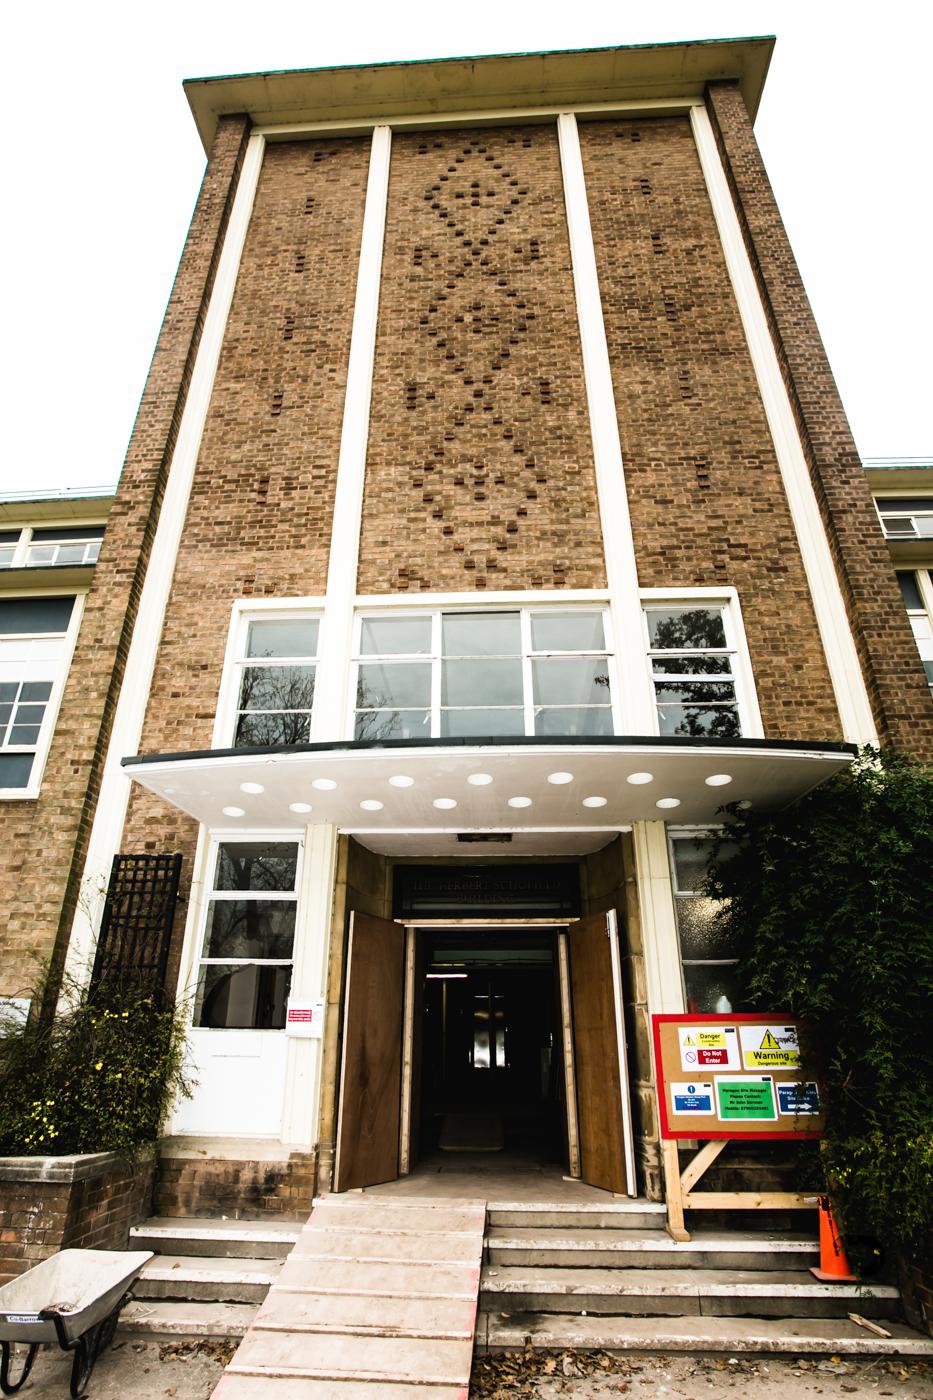 005 - ProDEM Demolition & Asbestos Limited www.prodemolition.co.uk - Business Services by Pamela and Mark Pugh Team MP - www.mpmedia.co.uk -0090.JPG